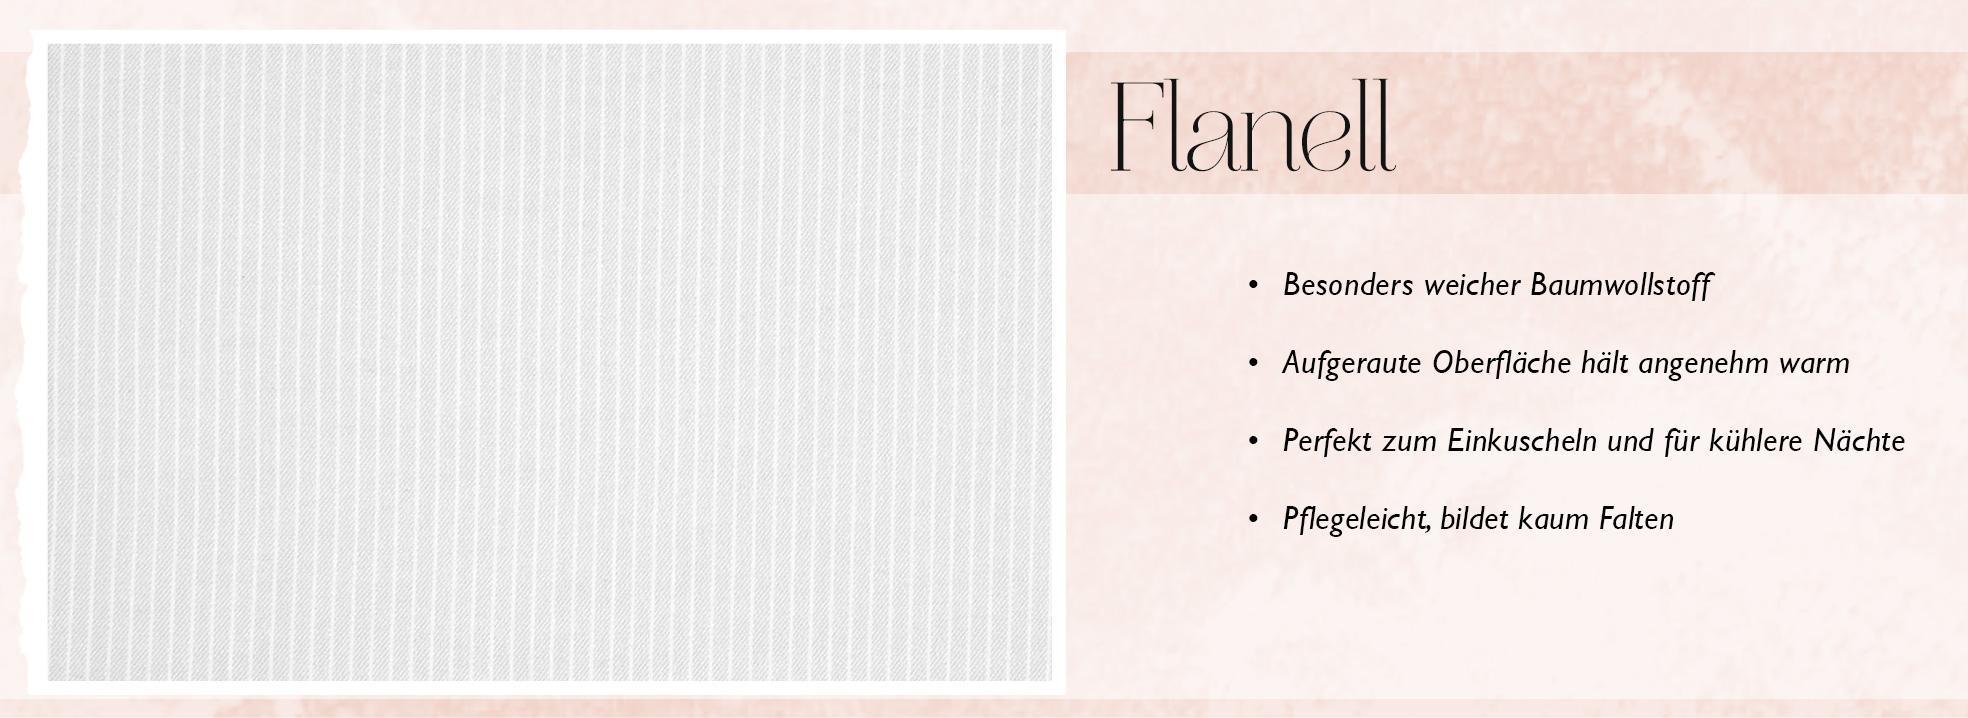 Infografik zu den Eigenschaften von Flanell Bettwäsche